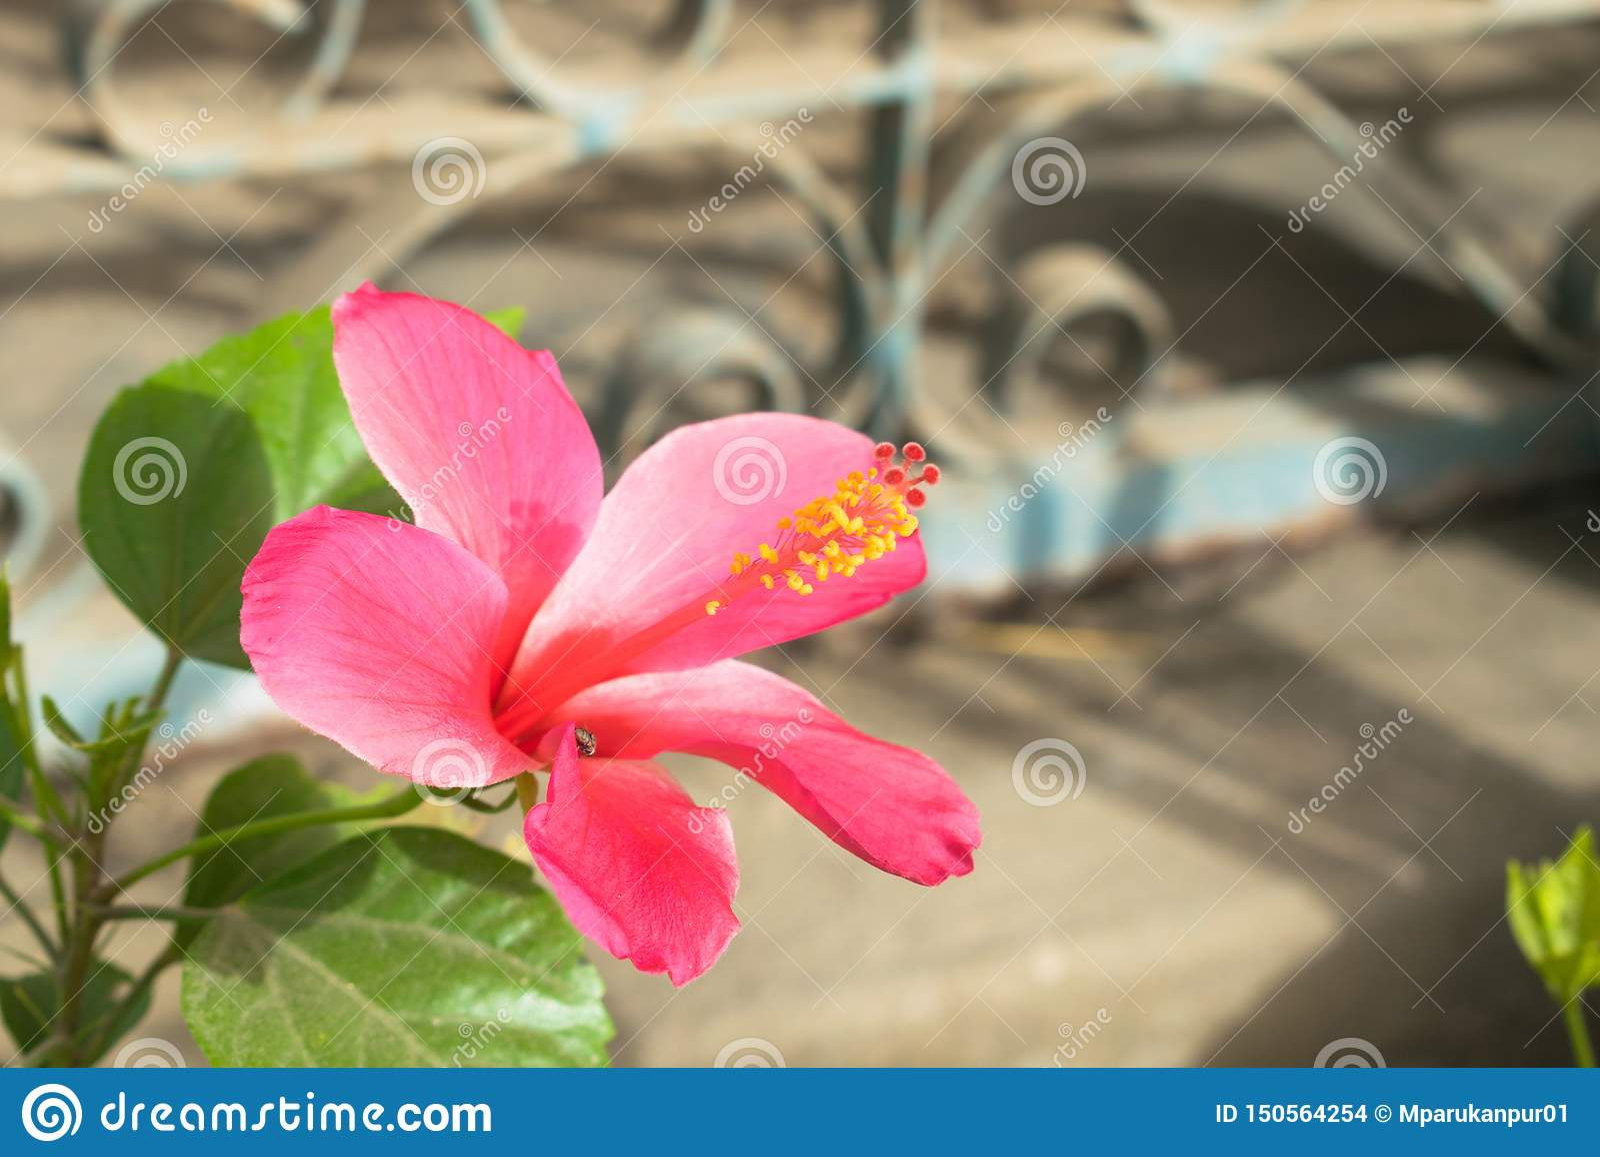 Schöne rote Hibiscusblume in einem Garten